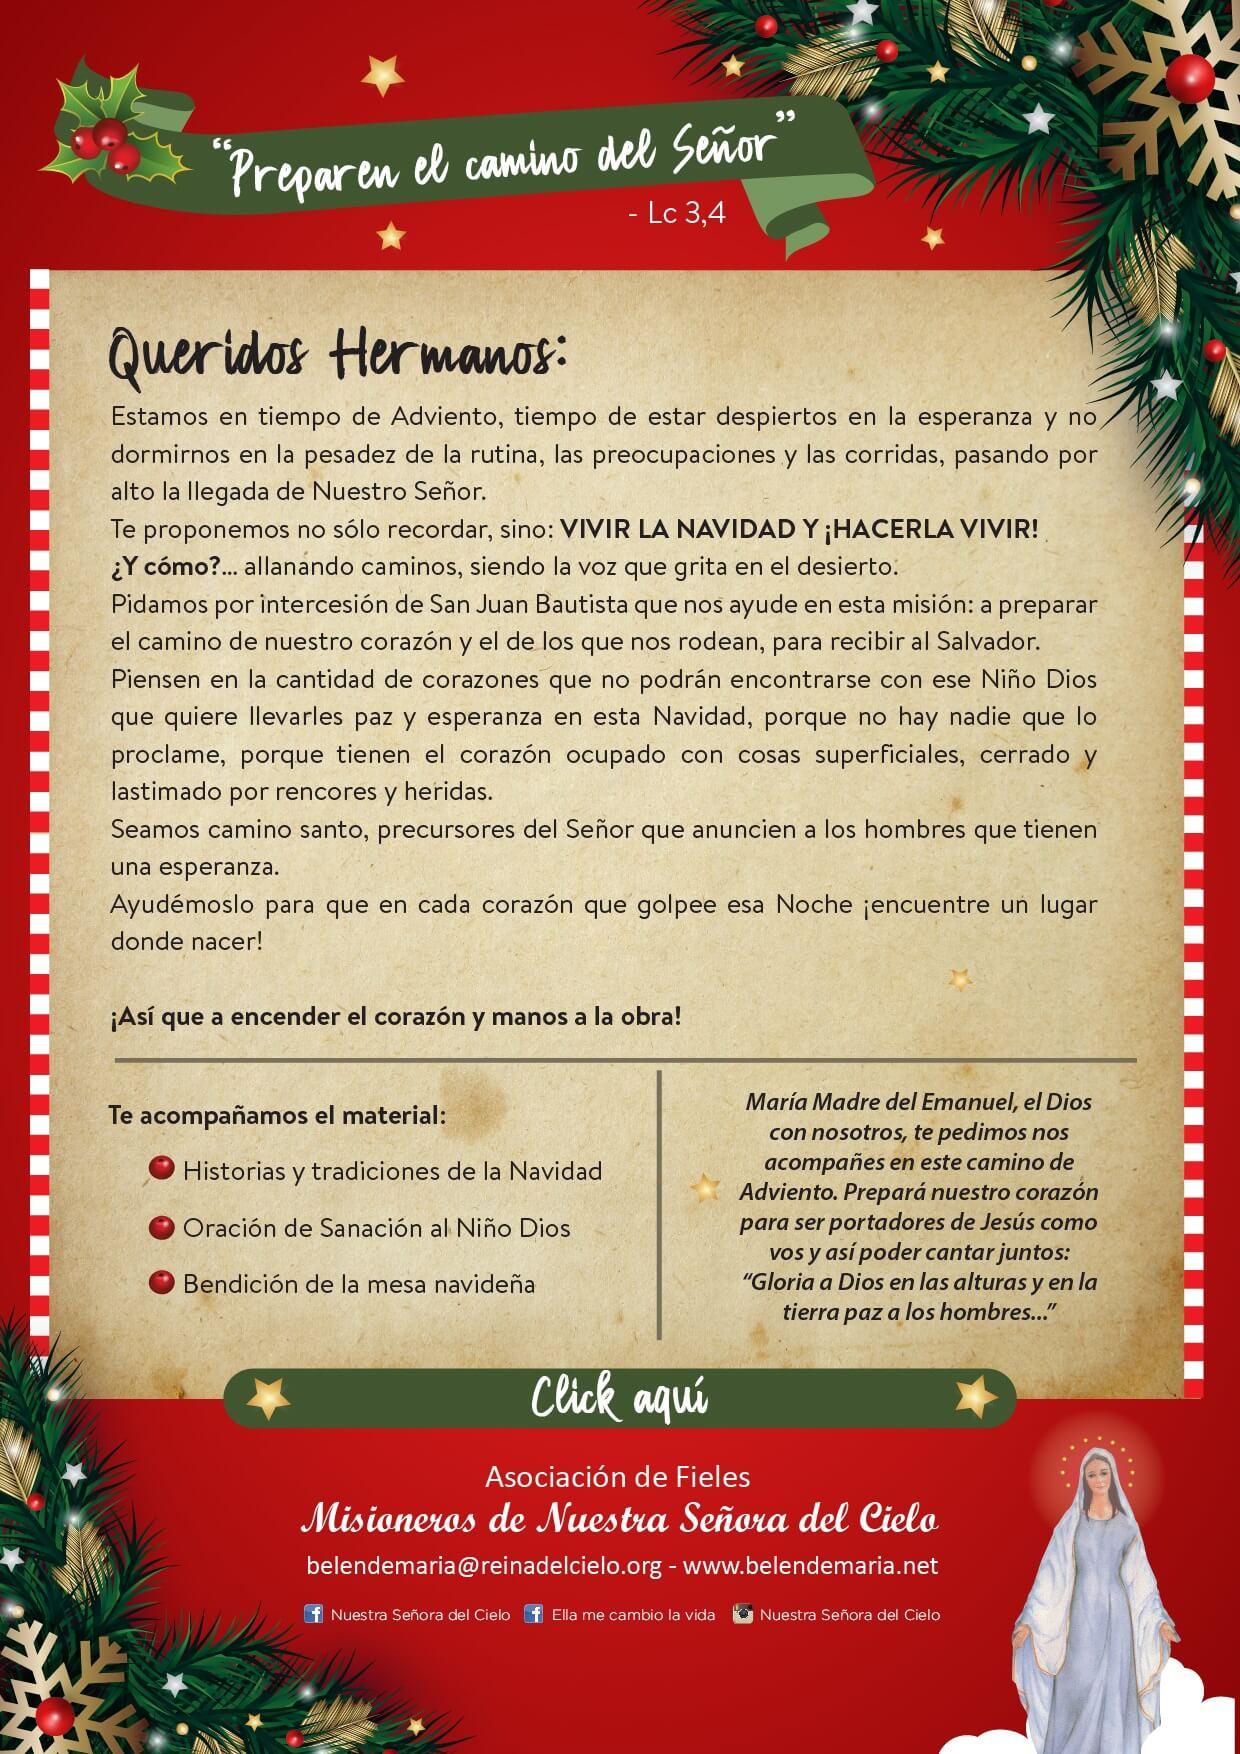 Historias y tradiciones de Navidad 🌟🎅🏼